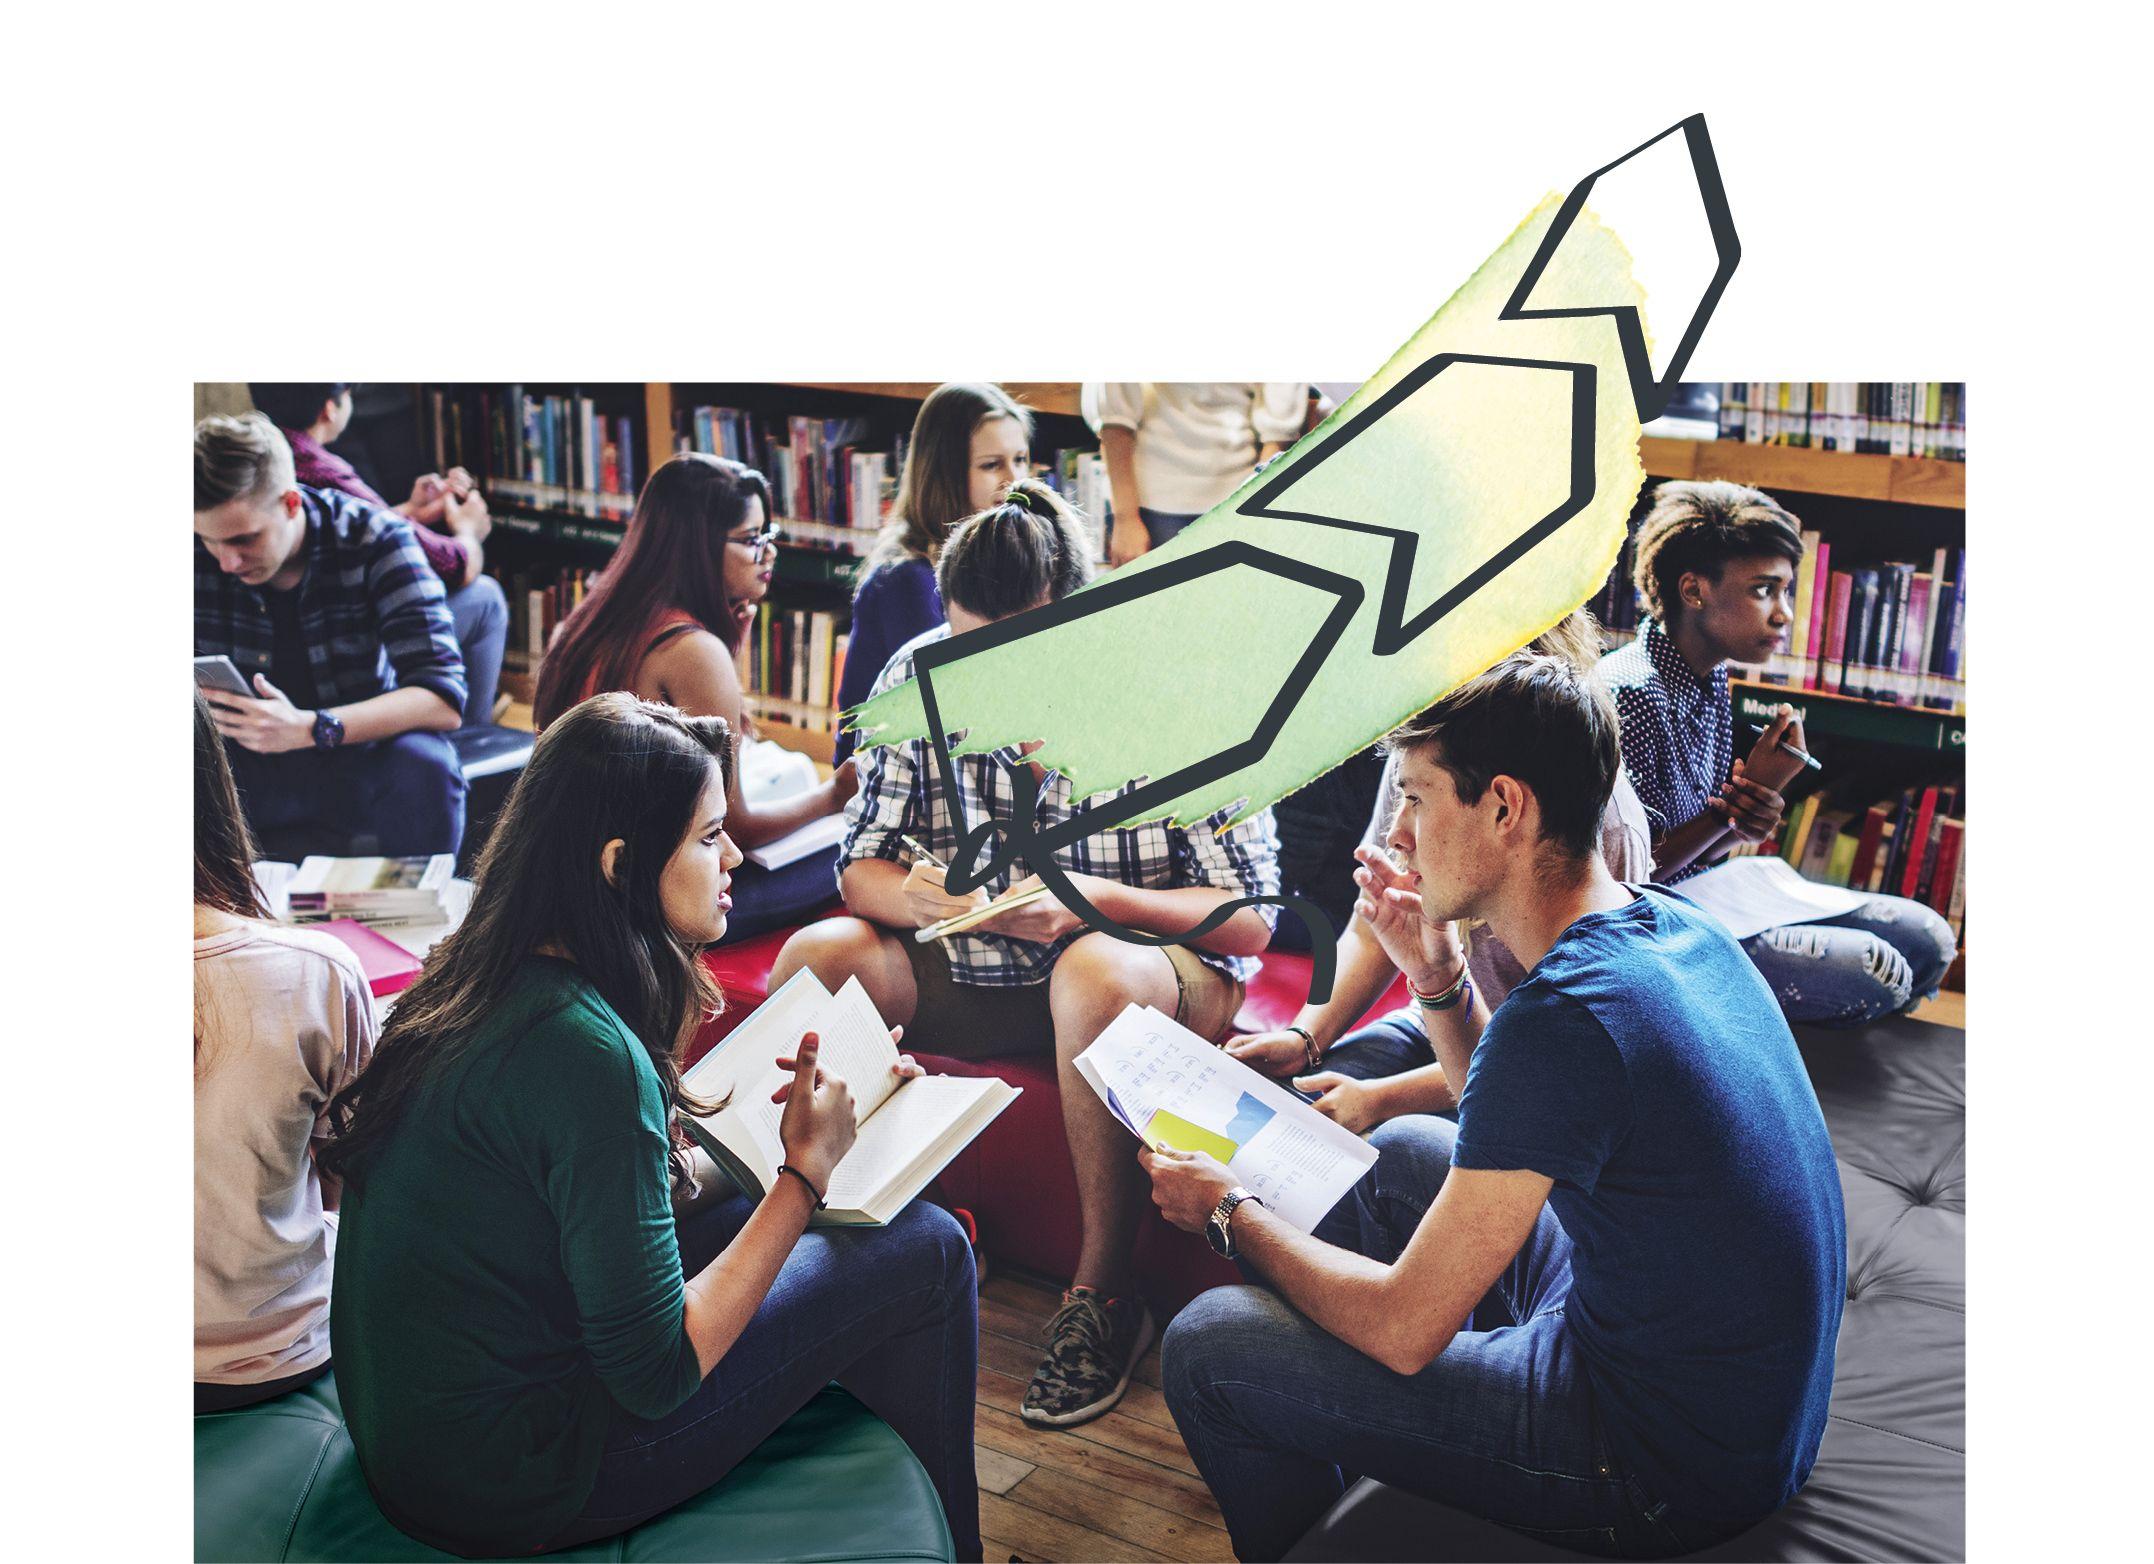 ideate inholland studiekeuze studenten gedragsonderzoek ontwerpend onderzoek